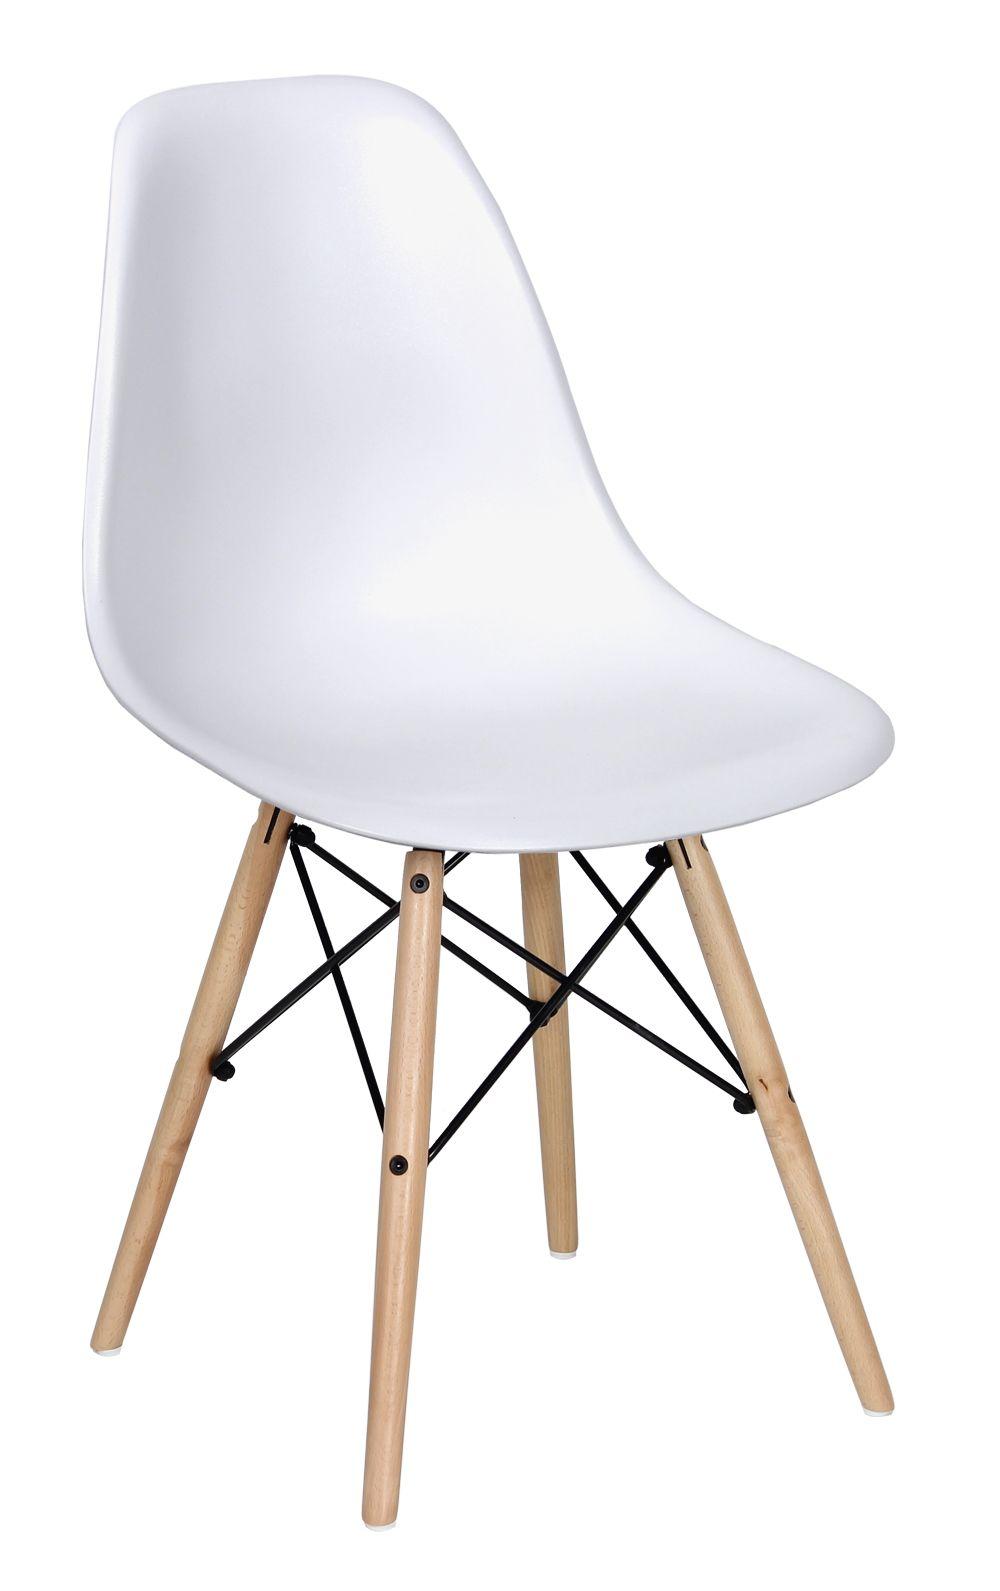 Chaise Design Scandinave Diva Chaise De Bureau Blanche Chaise